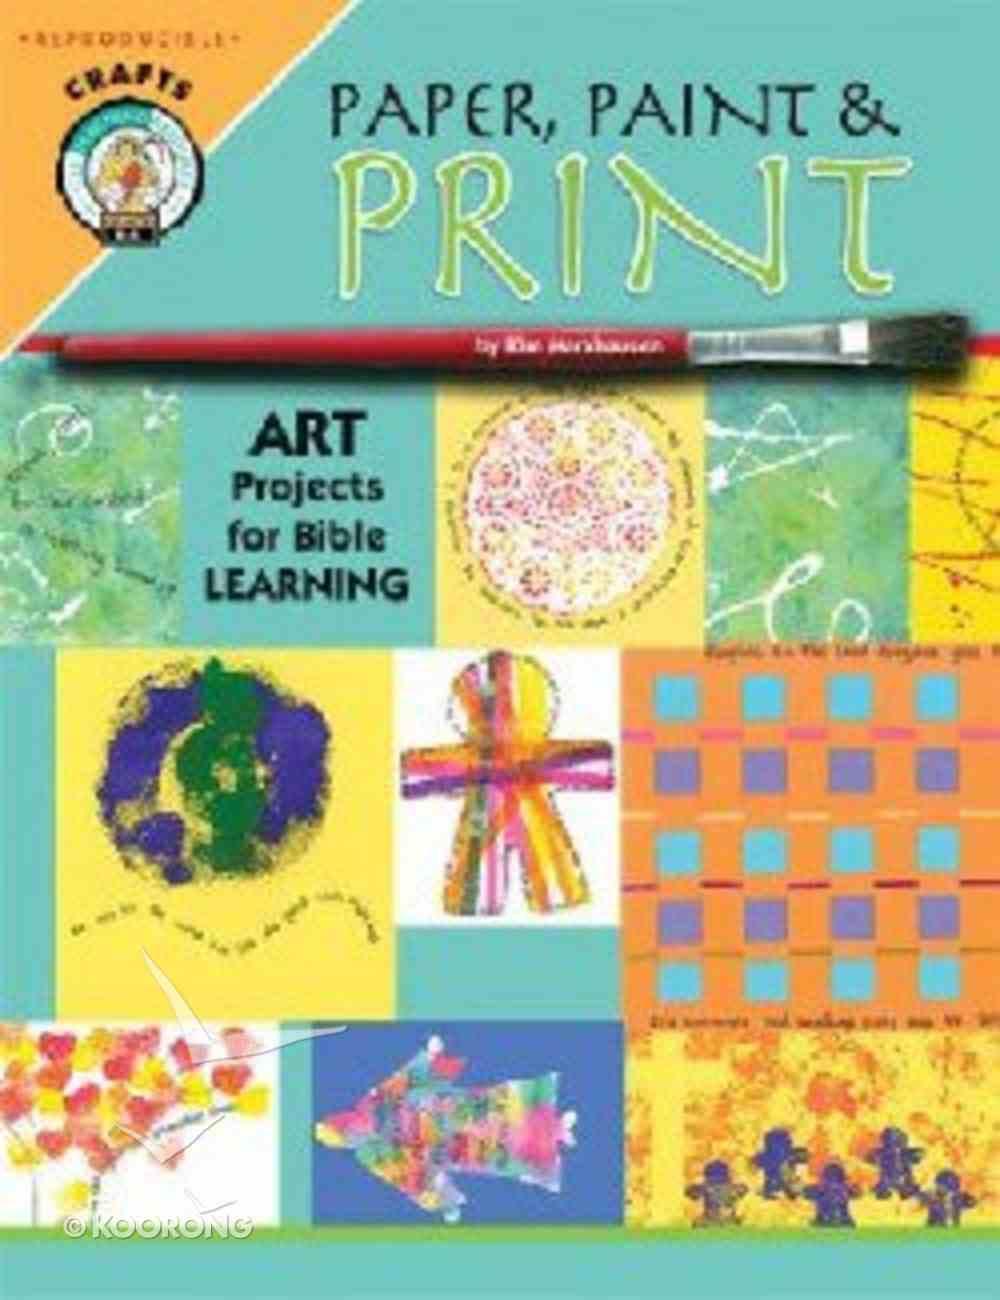 Paper, Paint & Print Paperback